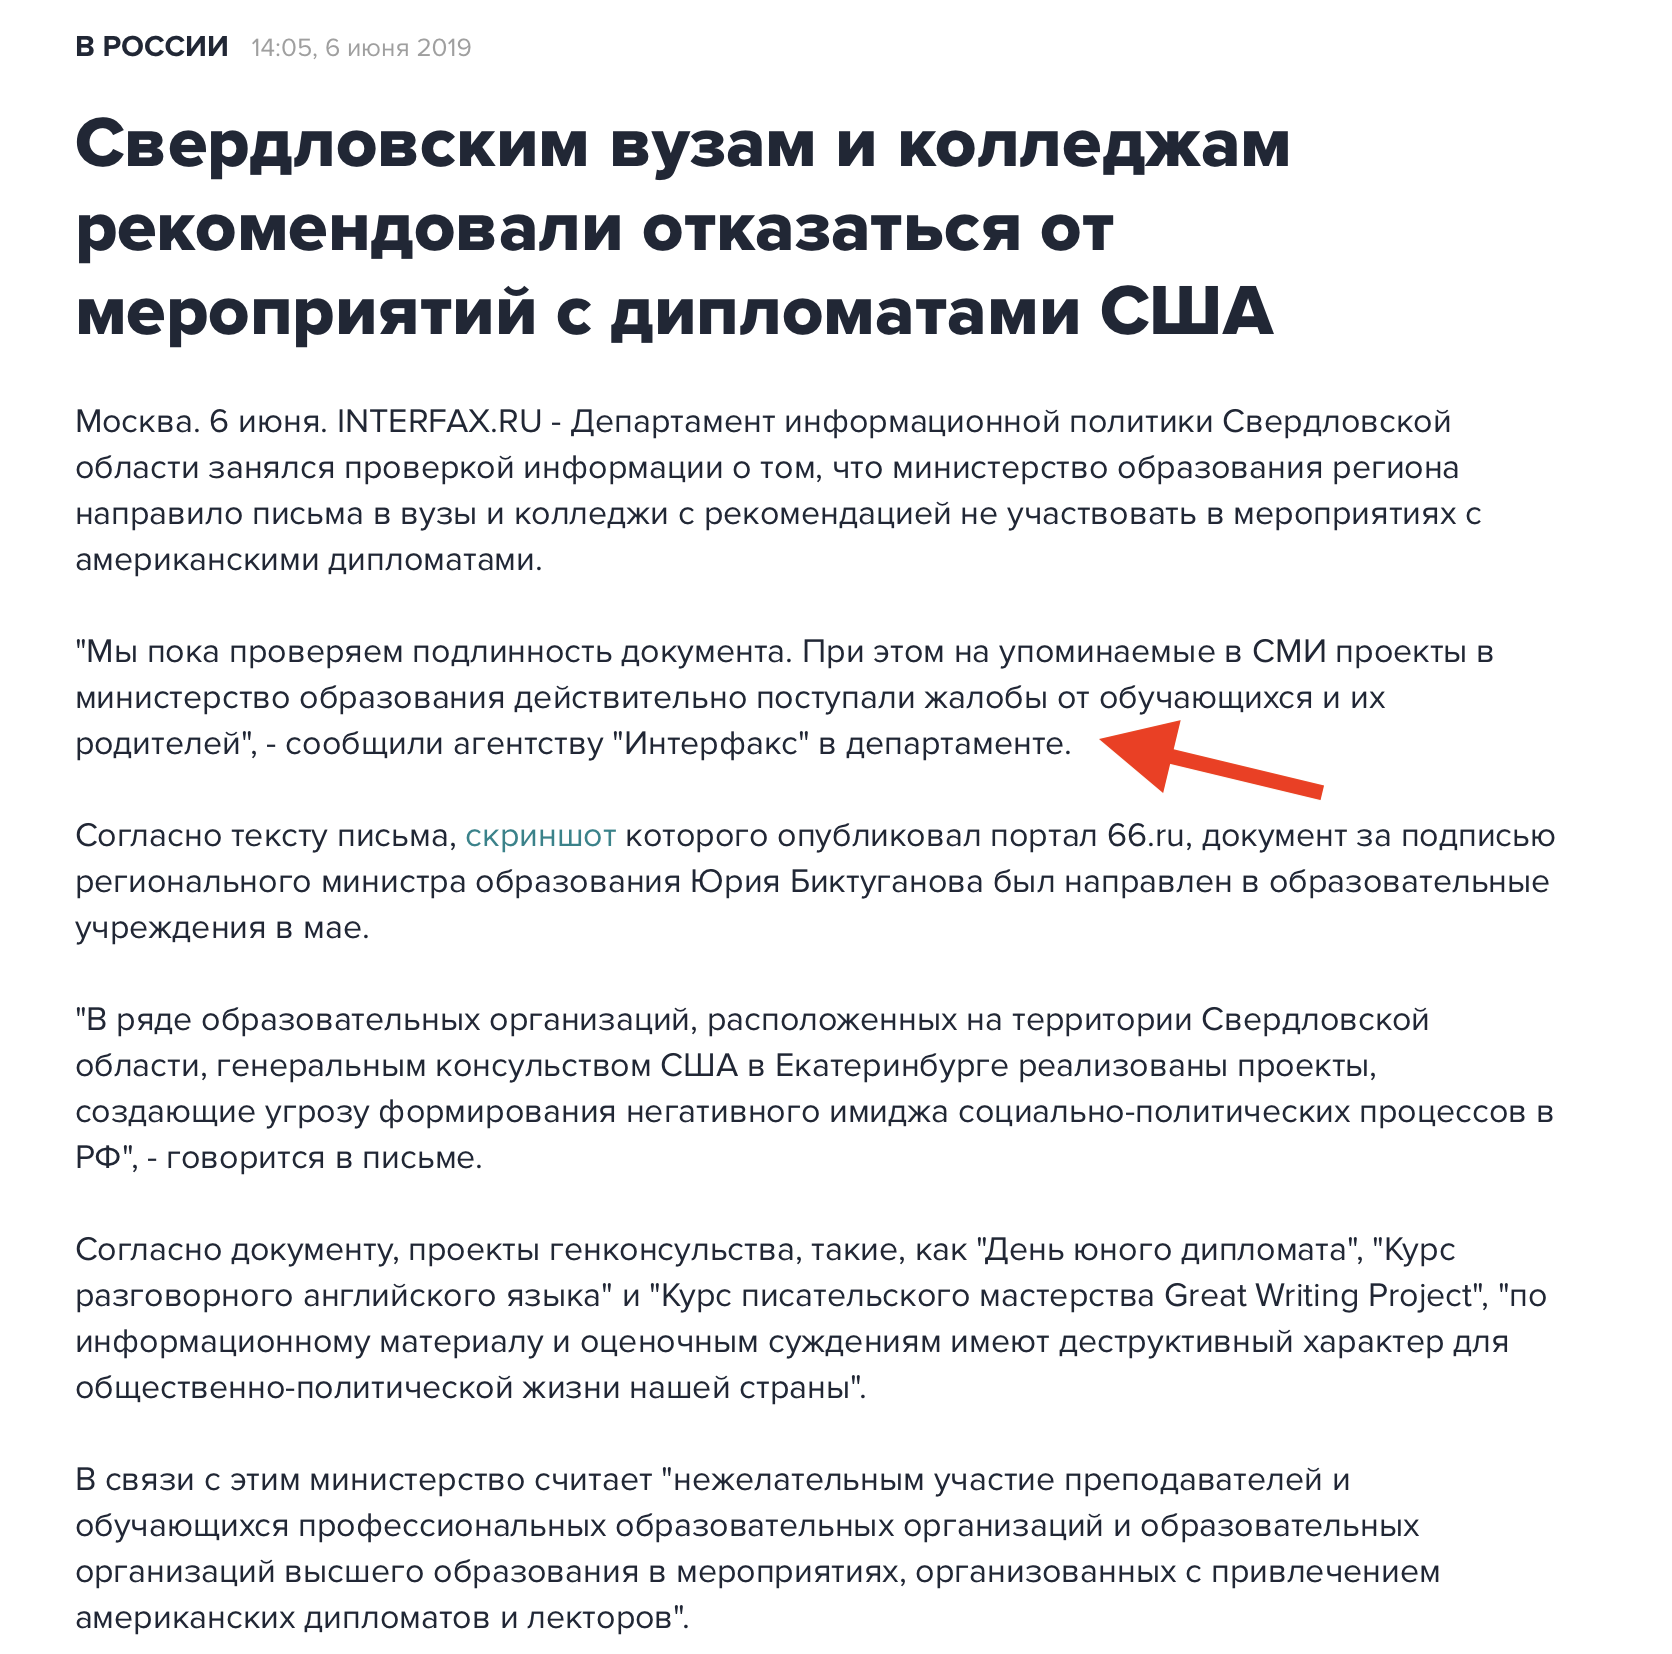 Консул США в Екатеринбурге Пол Картер глубоко возмущен наглостью этих рюсских!